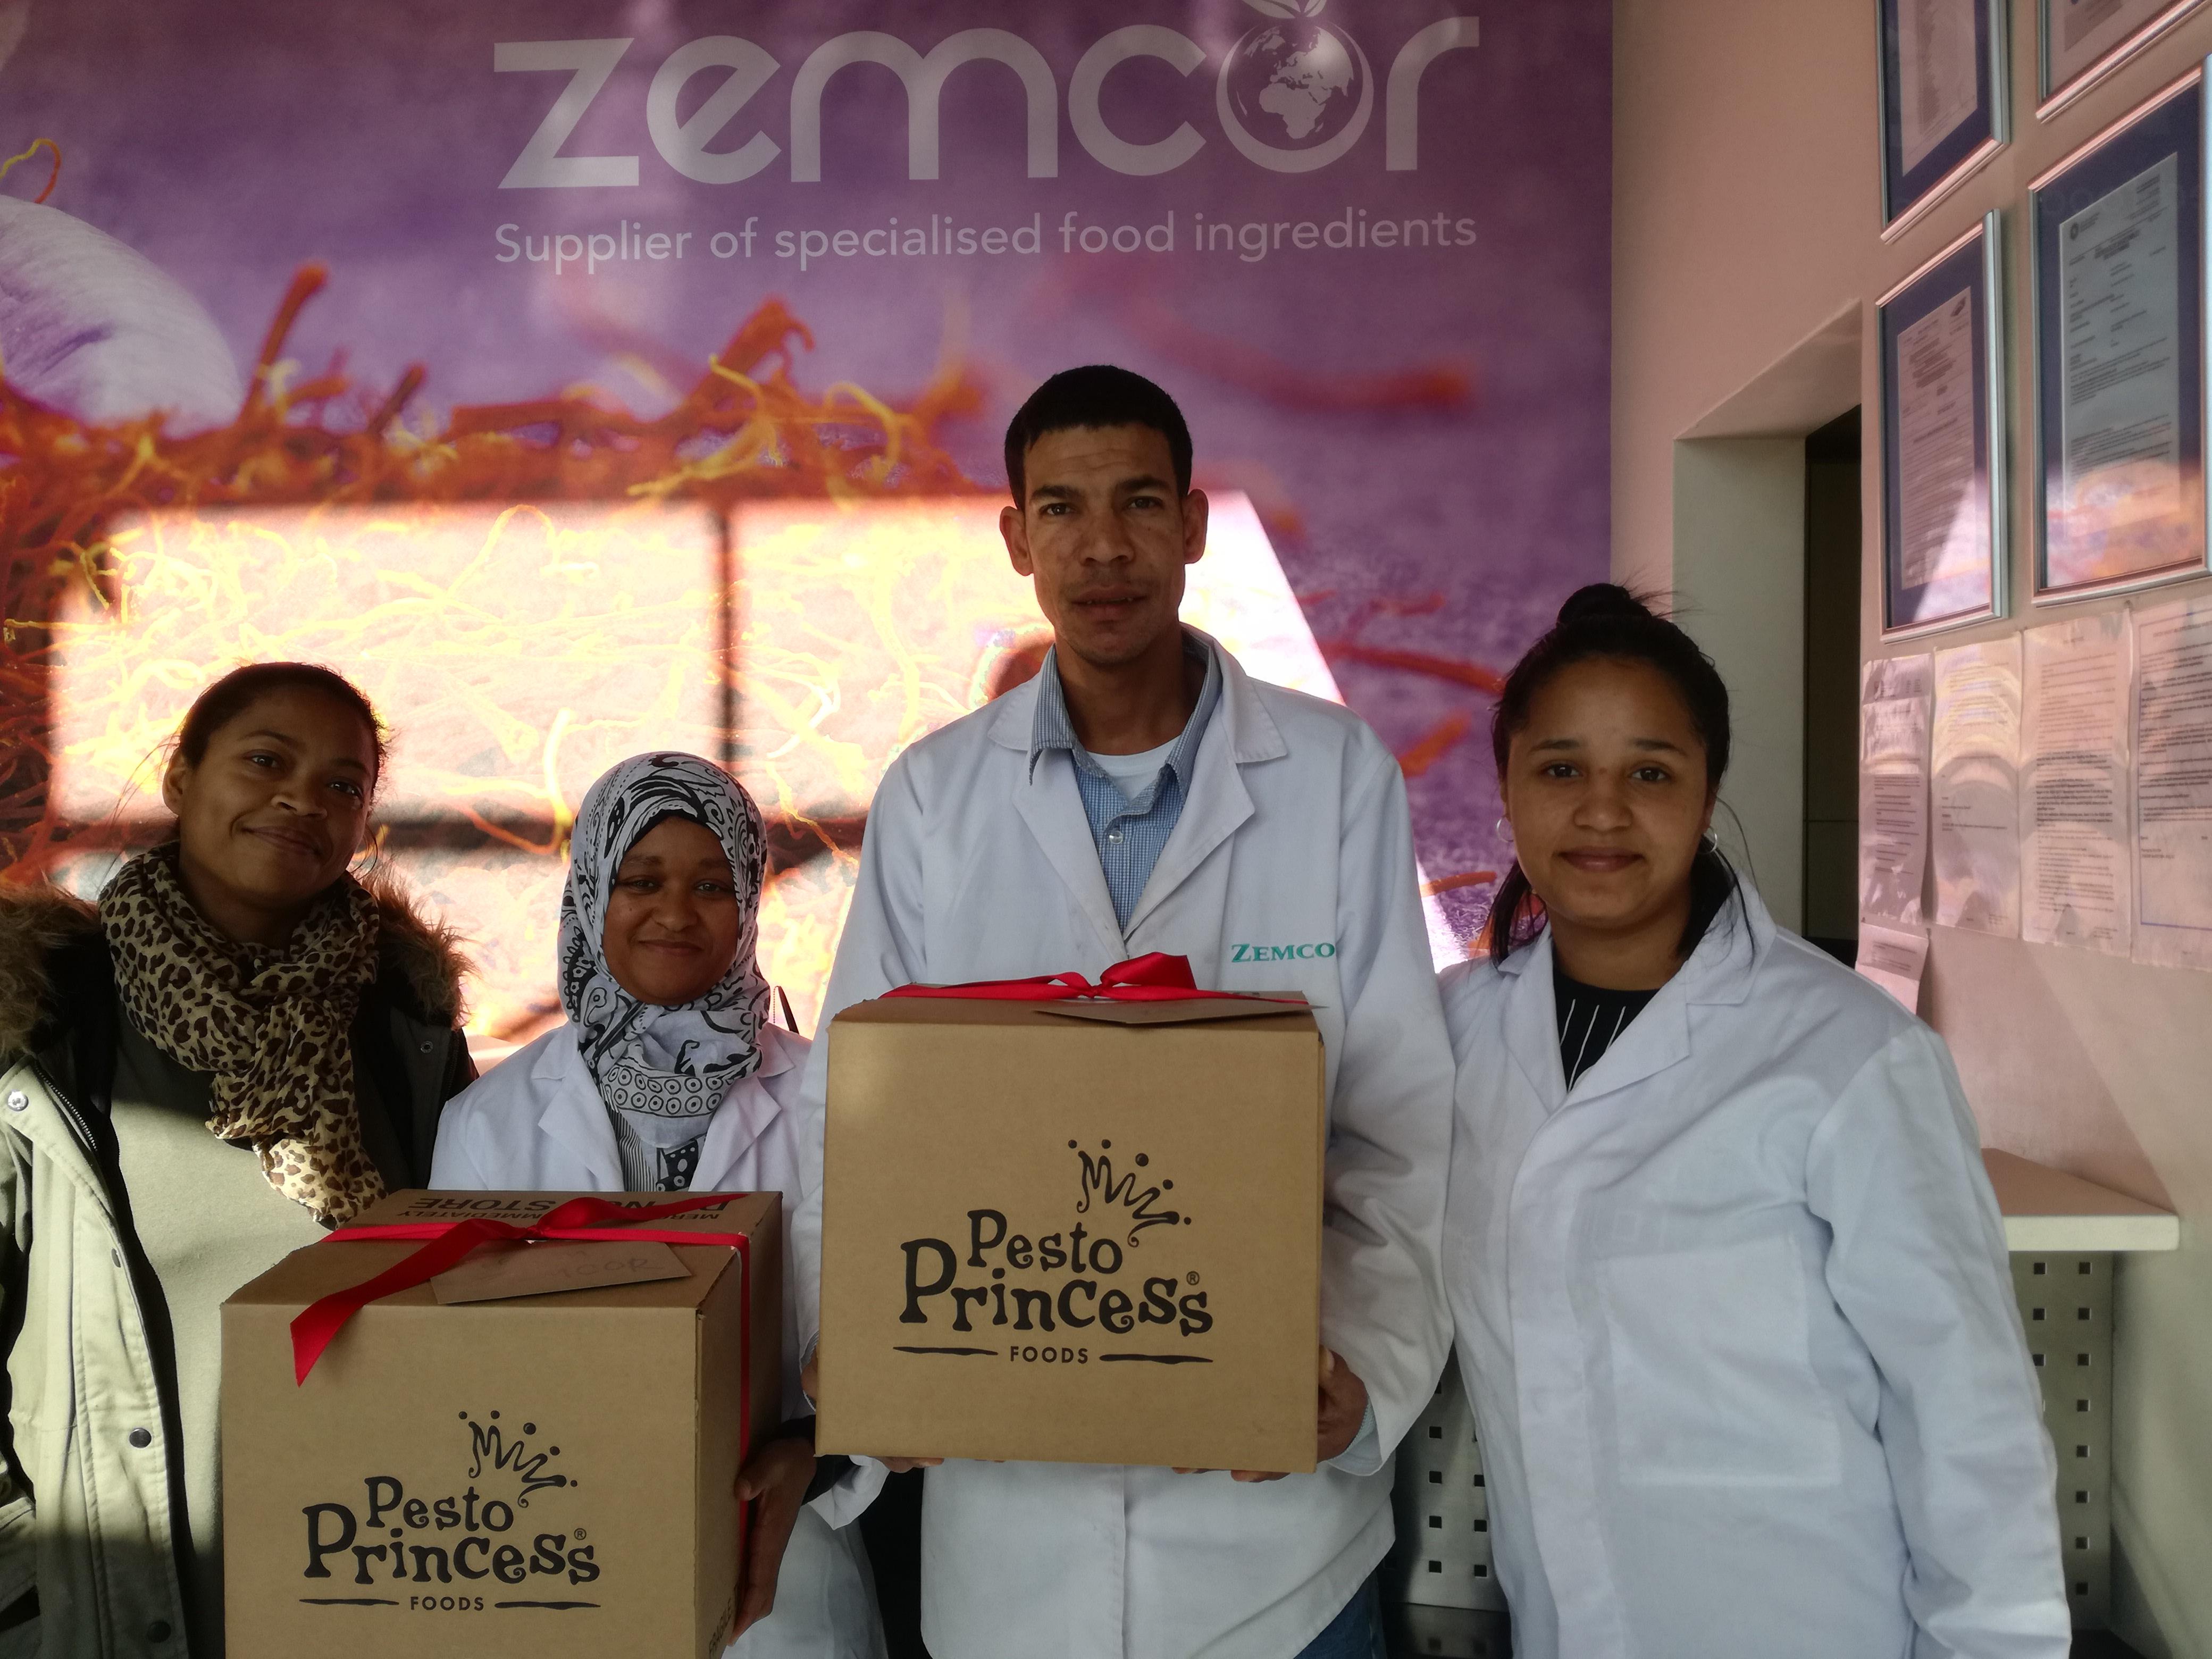 Zemcor